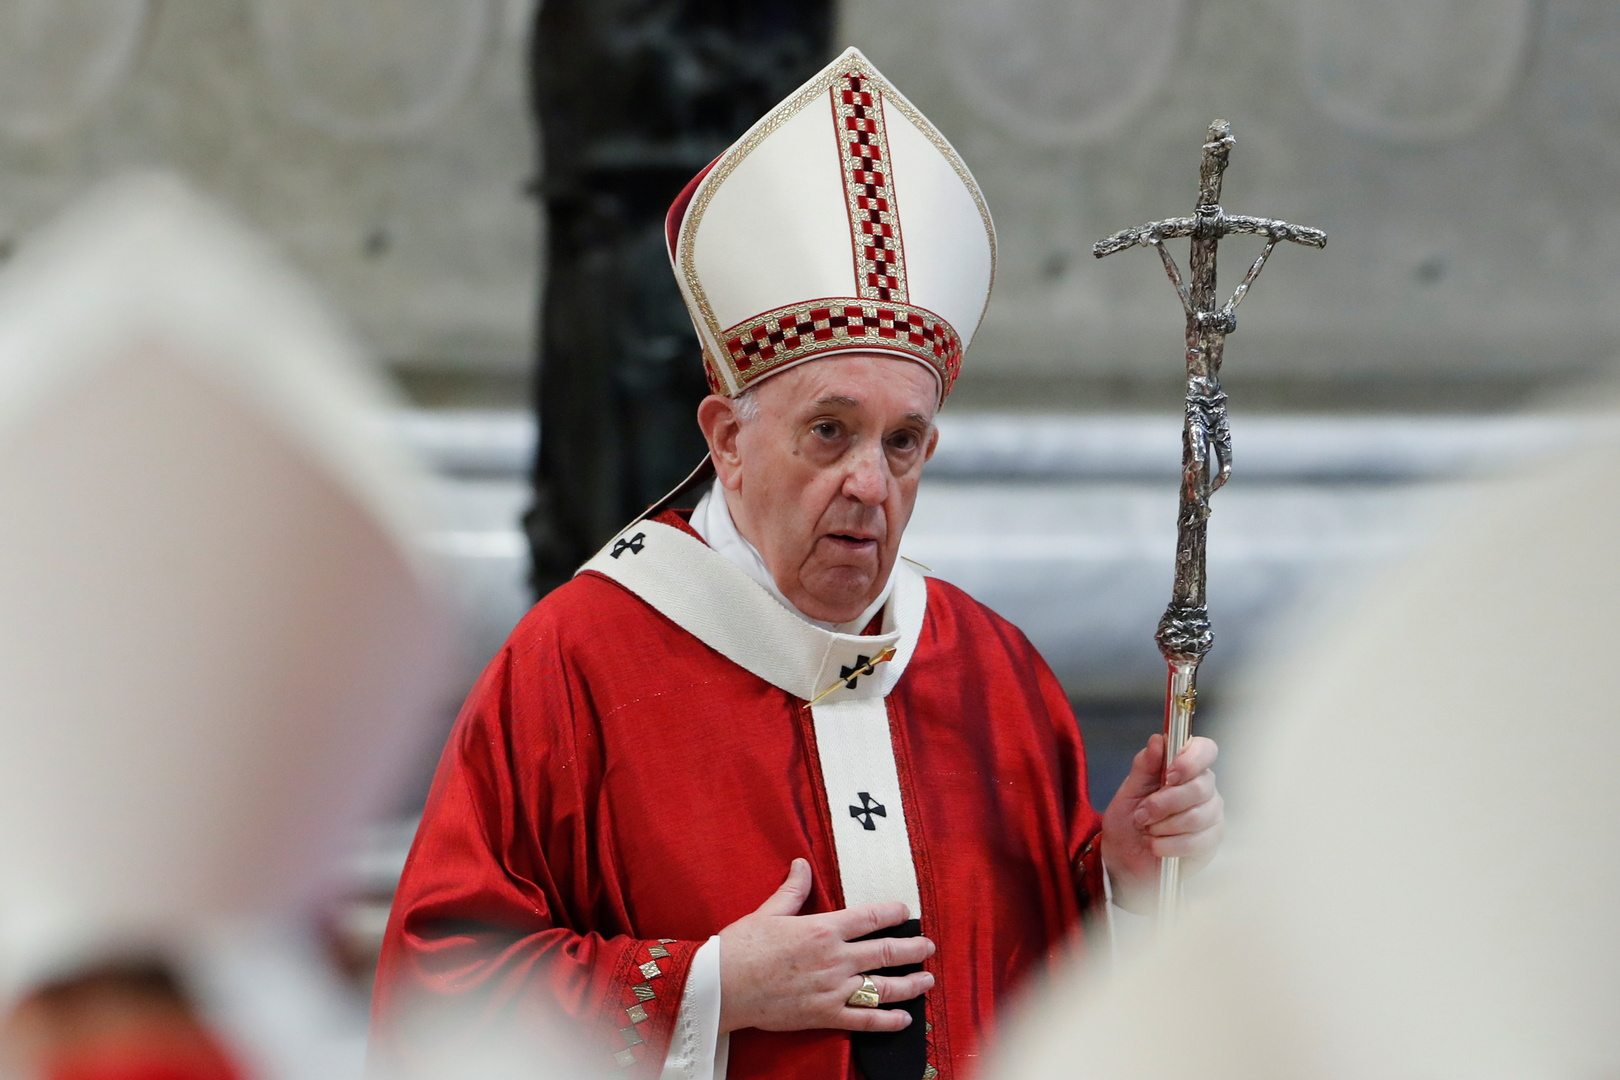 البابا فرنسيس يتبرع للاجئي معسكر ليبا